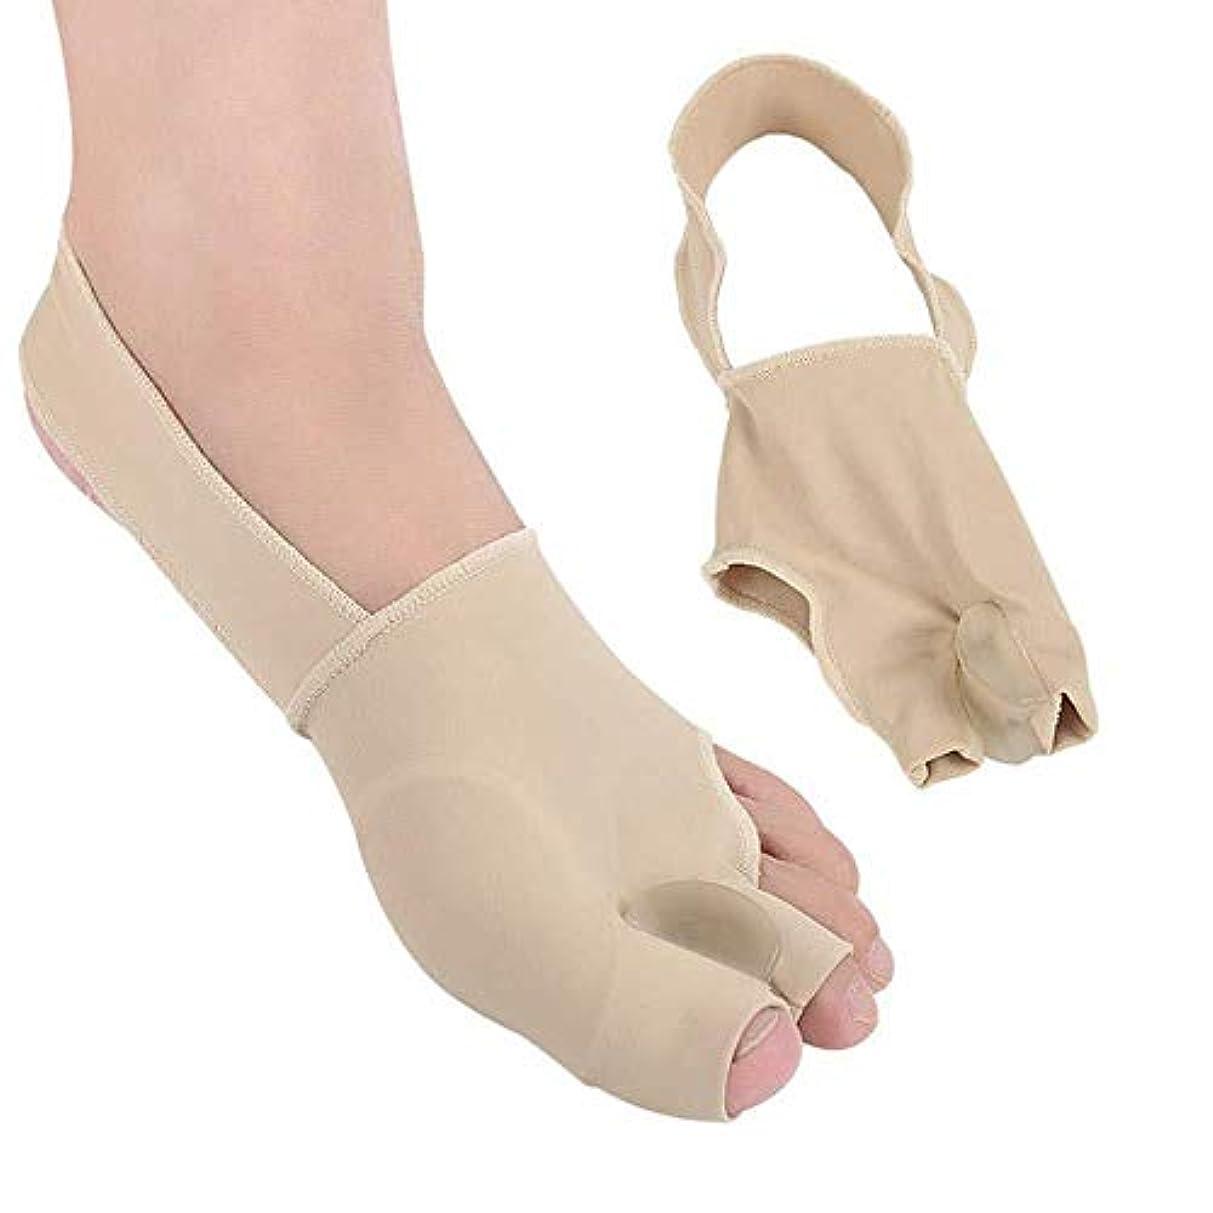 ご飯休憩する階層つま先セパレーター、足の痛みを緩和する運動の治療のための超薄型整形外科のつま先の外反母supportサポート,L